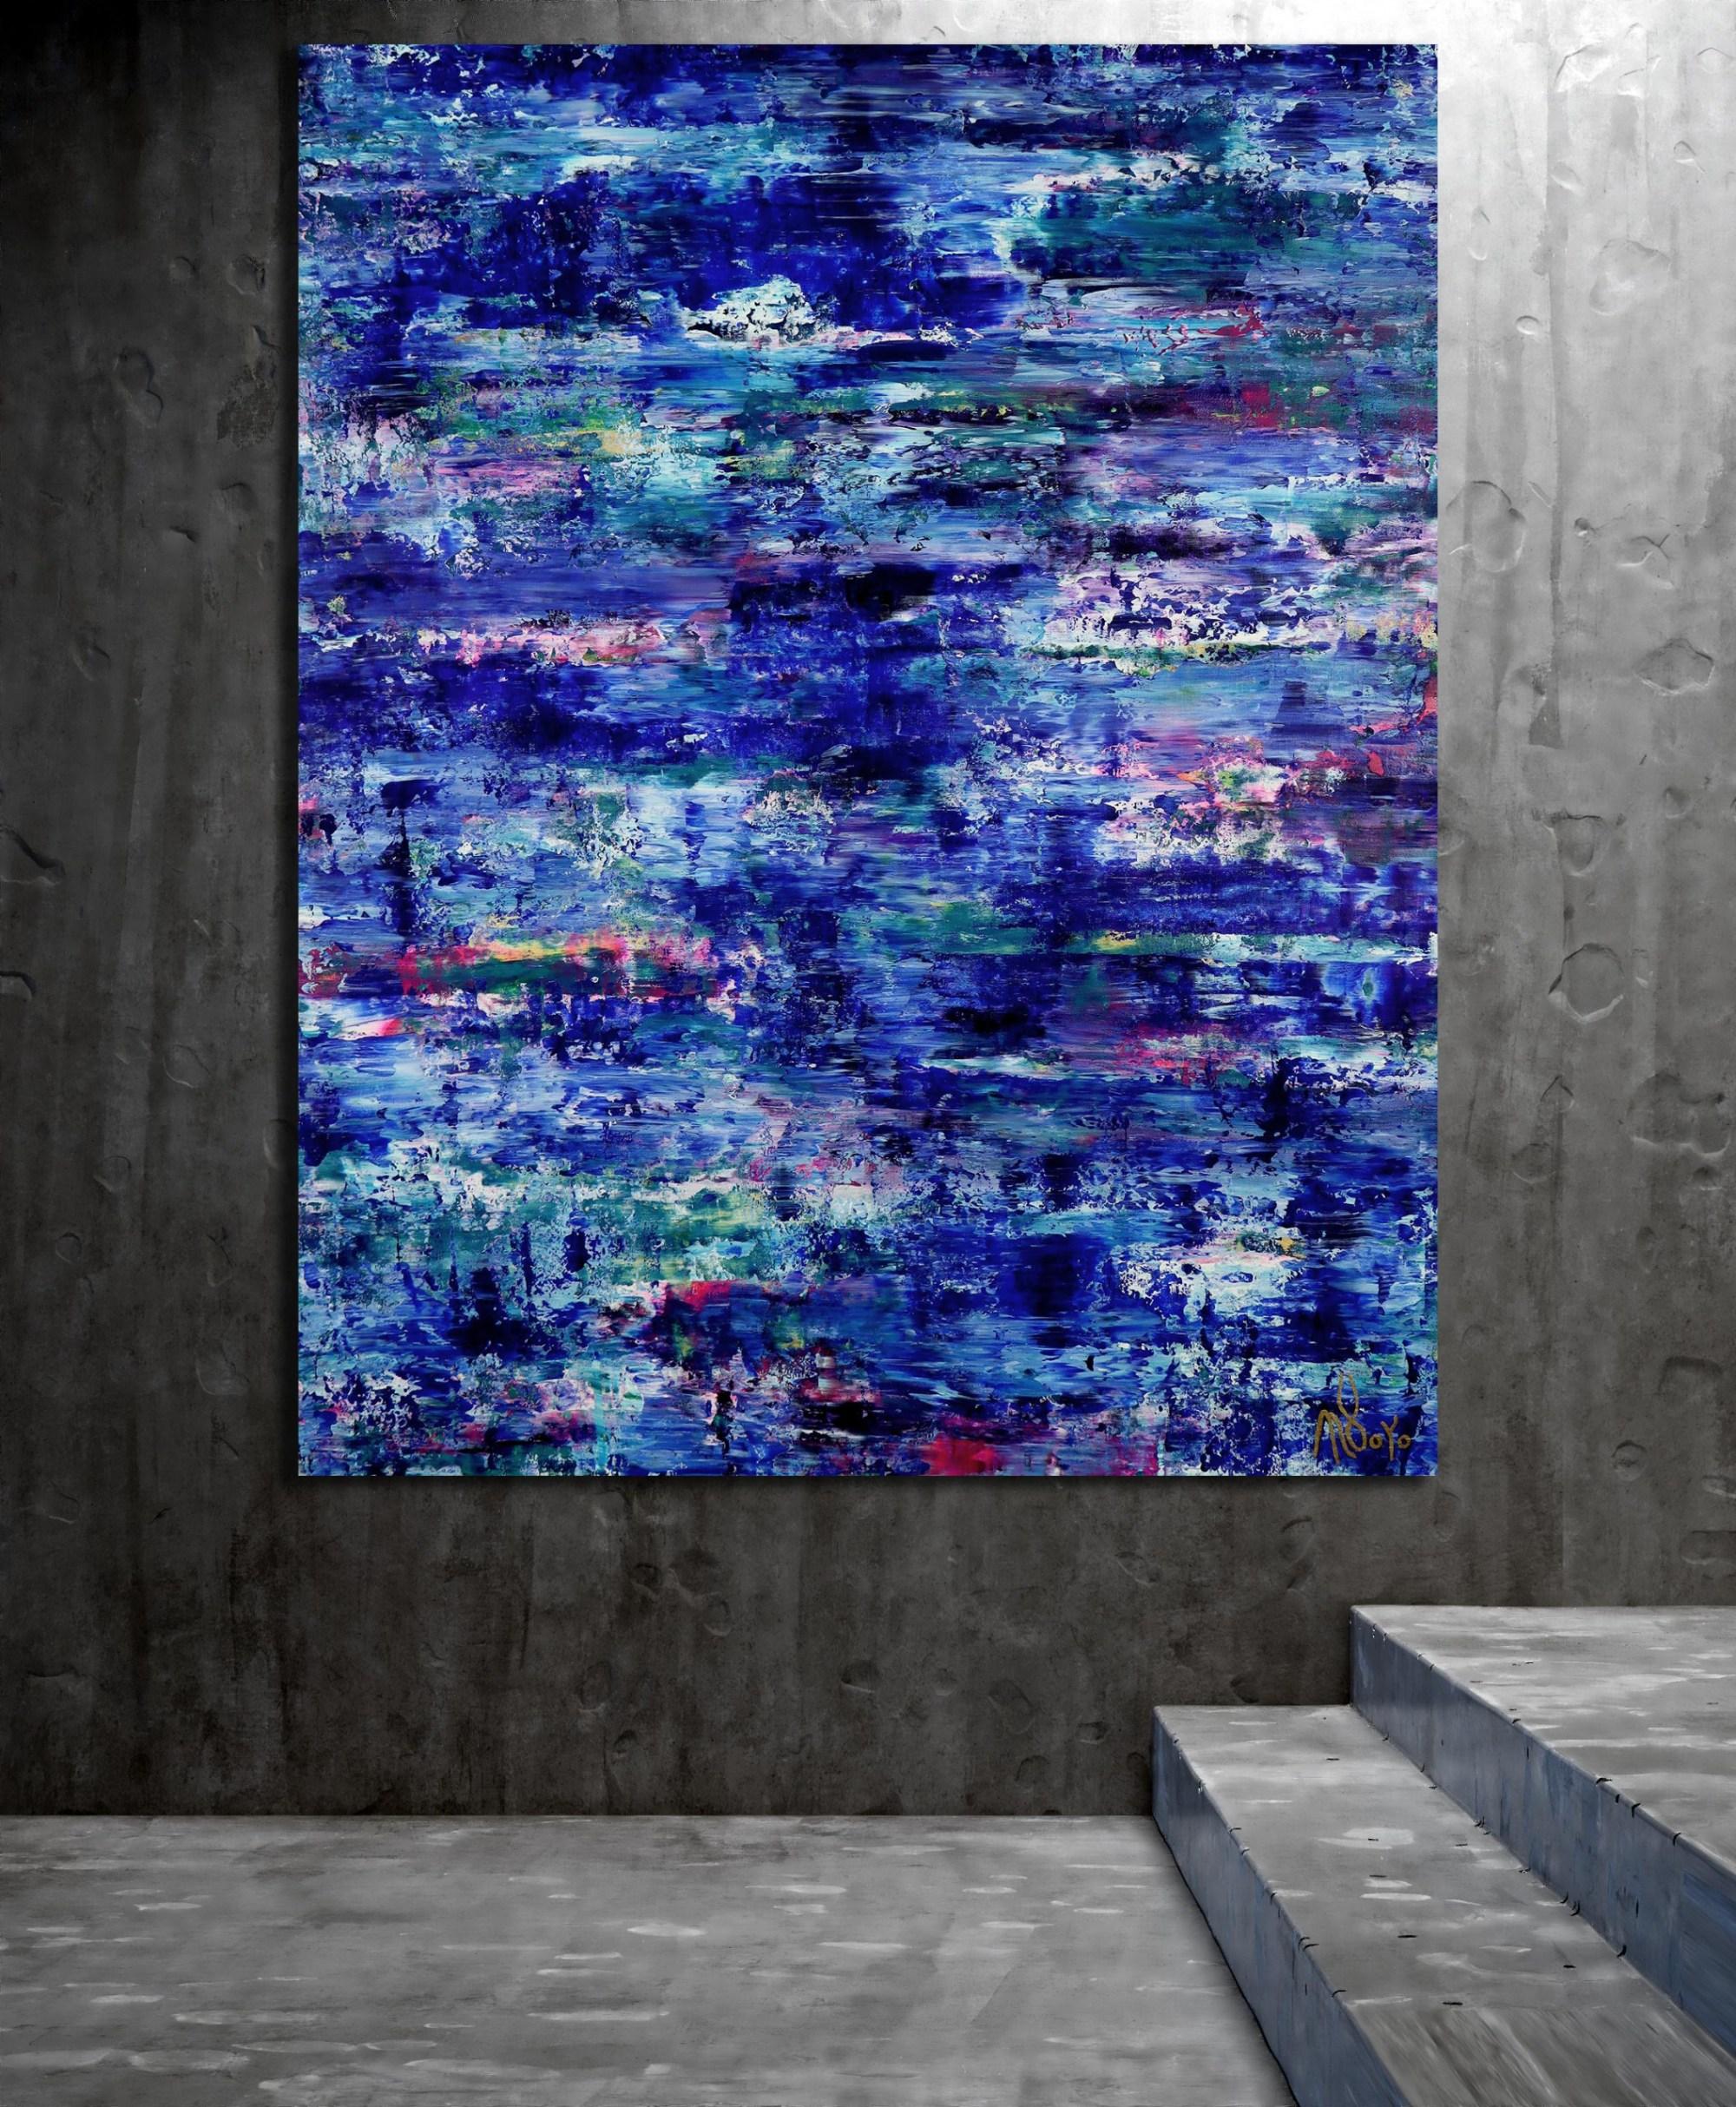 Room example / Caribbean Ocean Waters (2021) by Nestor Toro